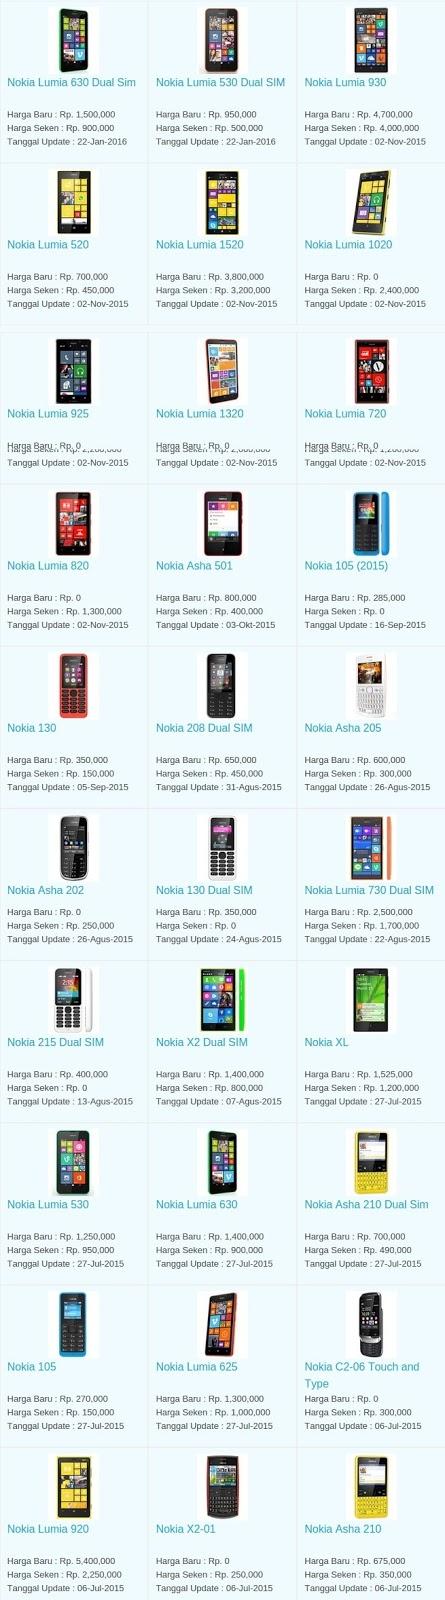 Daftar Harga Hp Terbaru Nokia Juni 2016